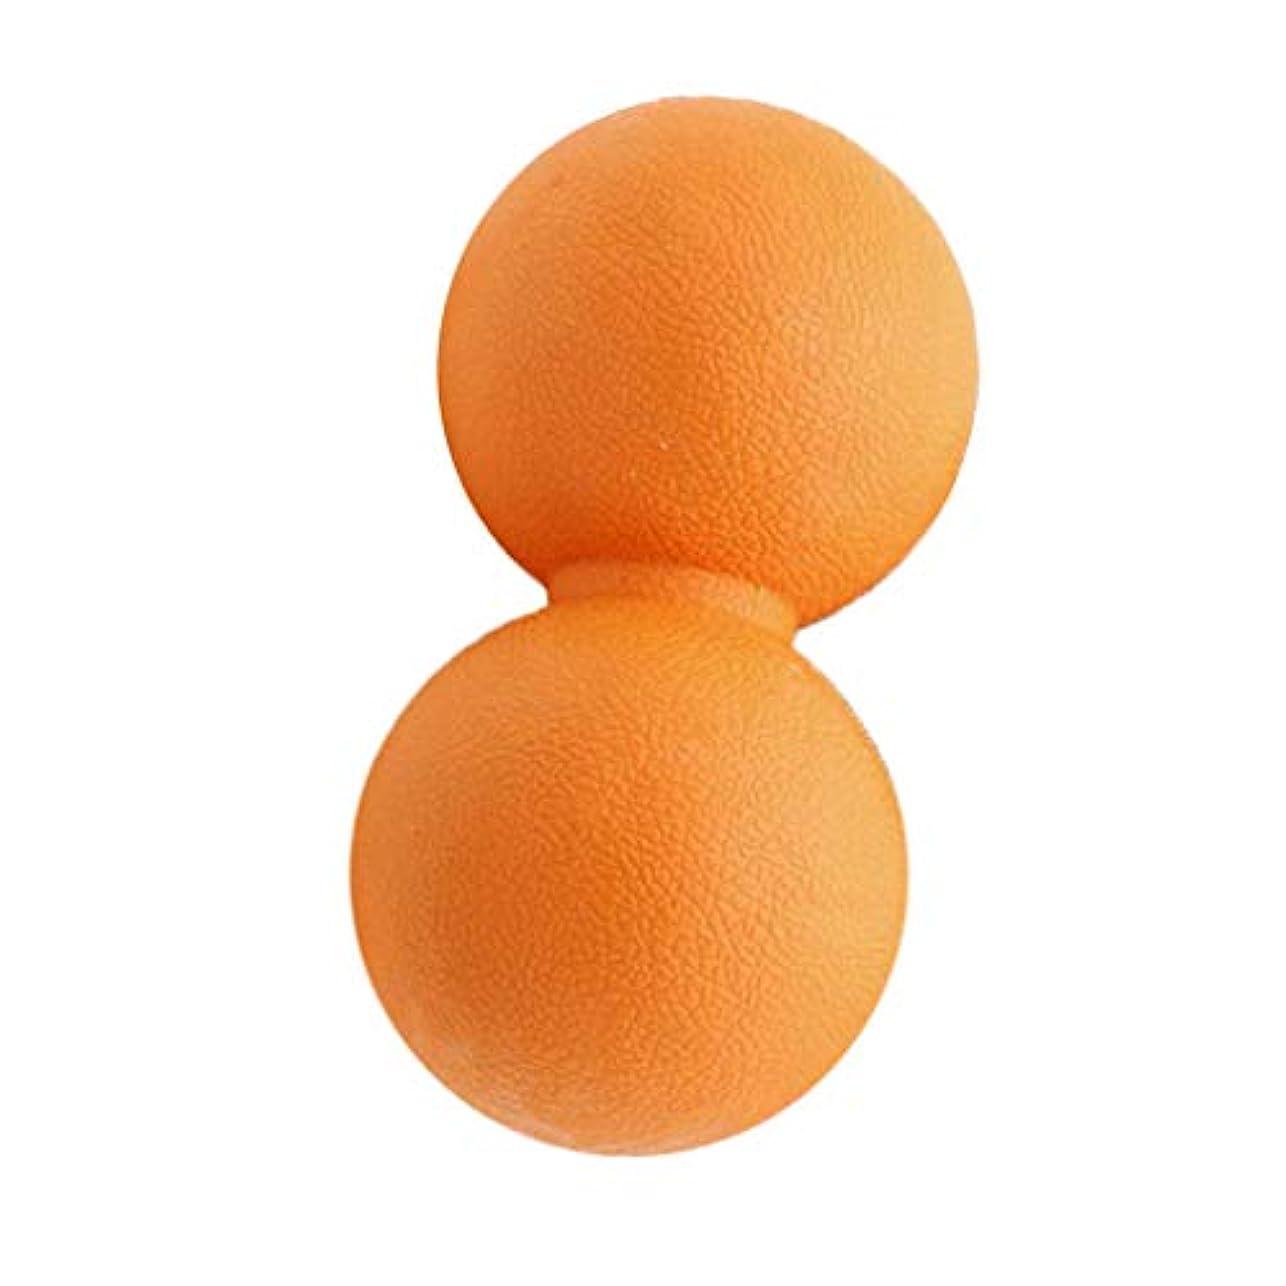 ハイキングに行く報酬の十一CUTICATE 全2色 マッサージボール ピーナッツ ツボ押しグッズ 疲れ解消ボール 筋膜リリース 筋肉疲労回復 - オレンジ, 13cm